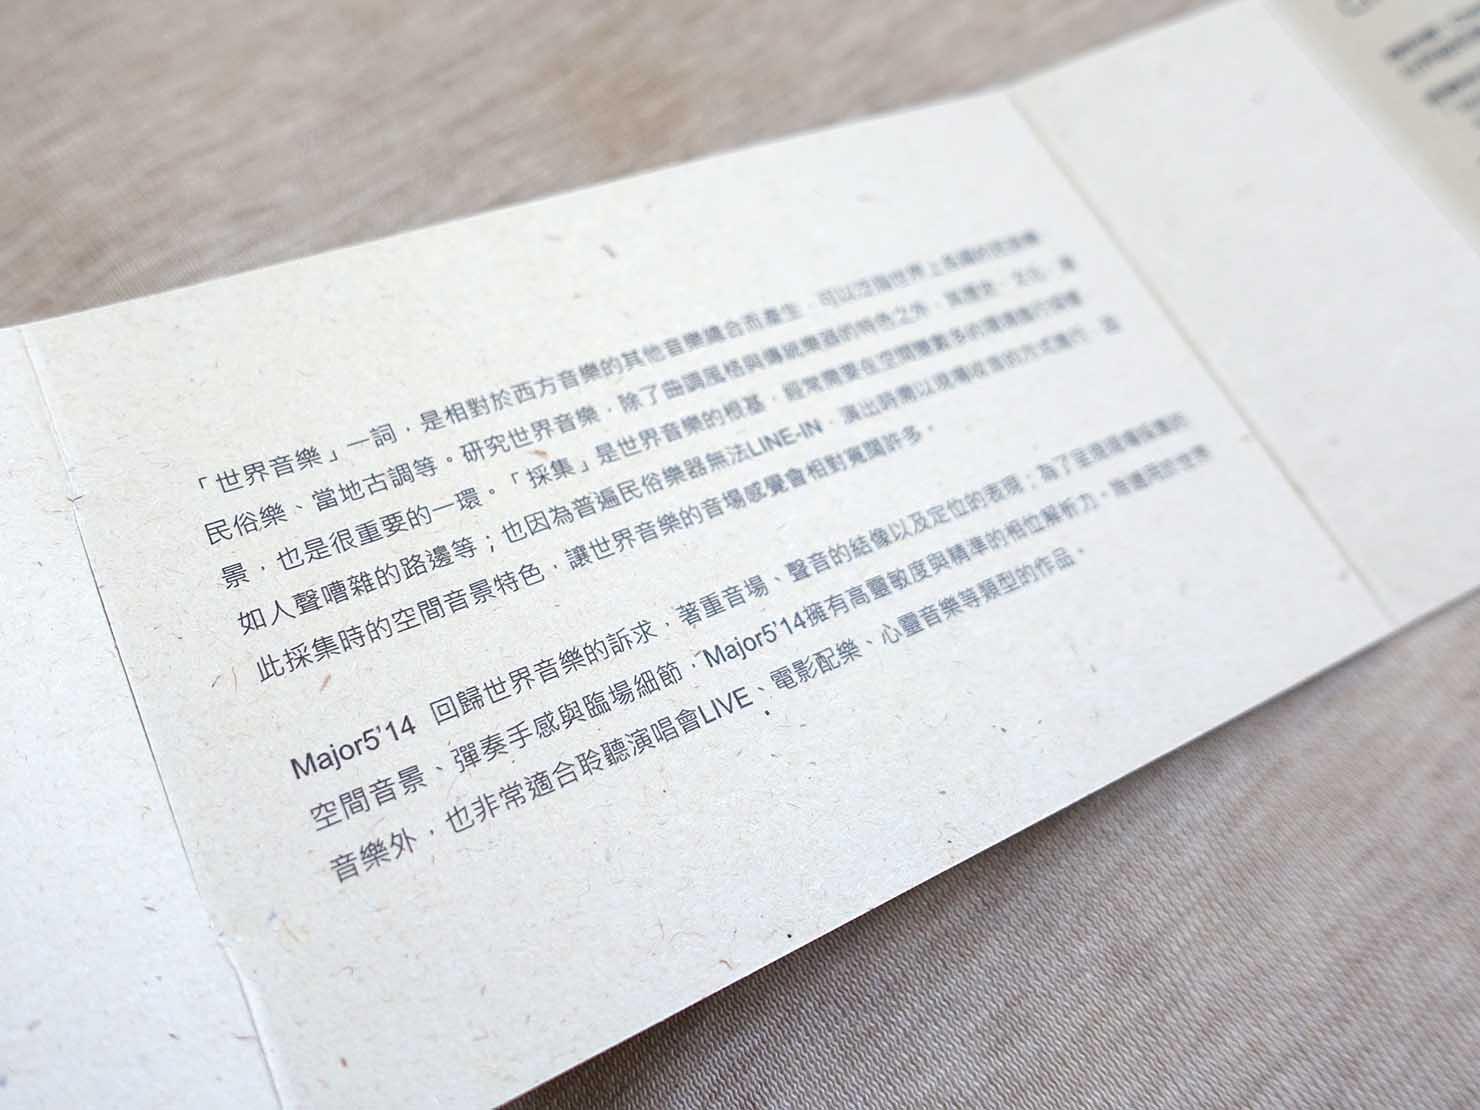 台湾発の高品質イヤホンブランド「Chord&Major(コード&メジャー)」ワールドミュージックモデルの説明